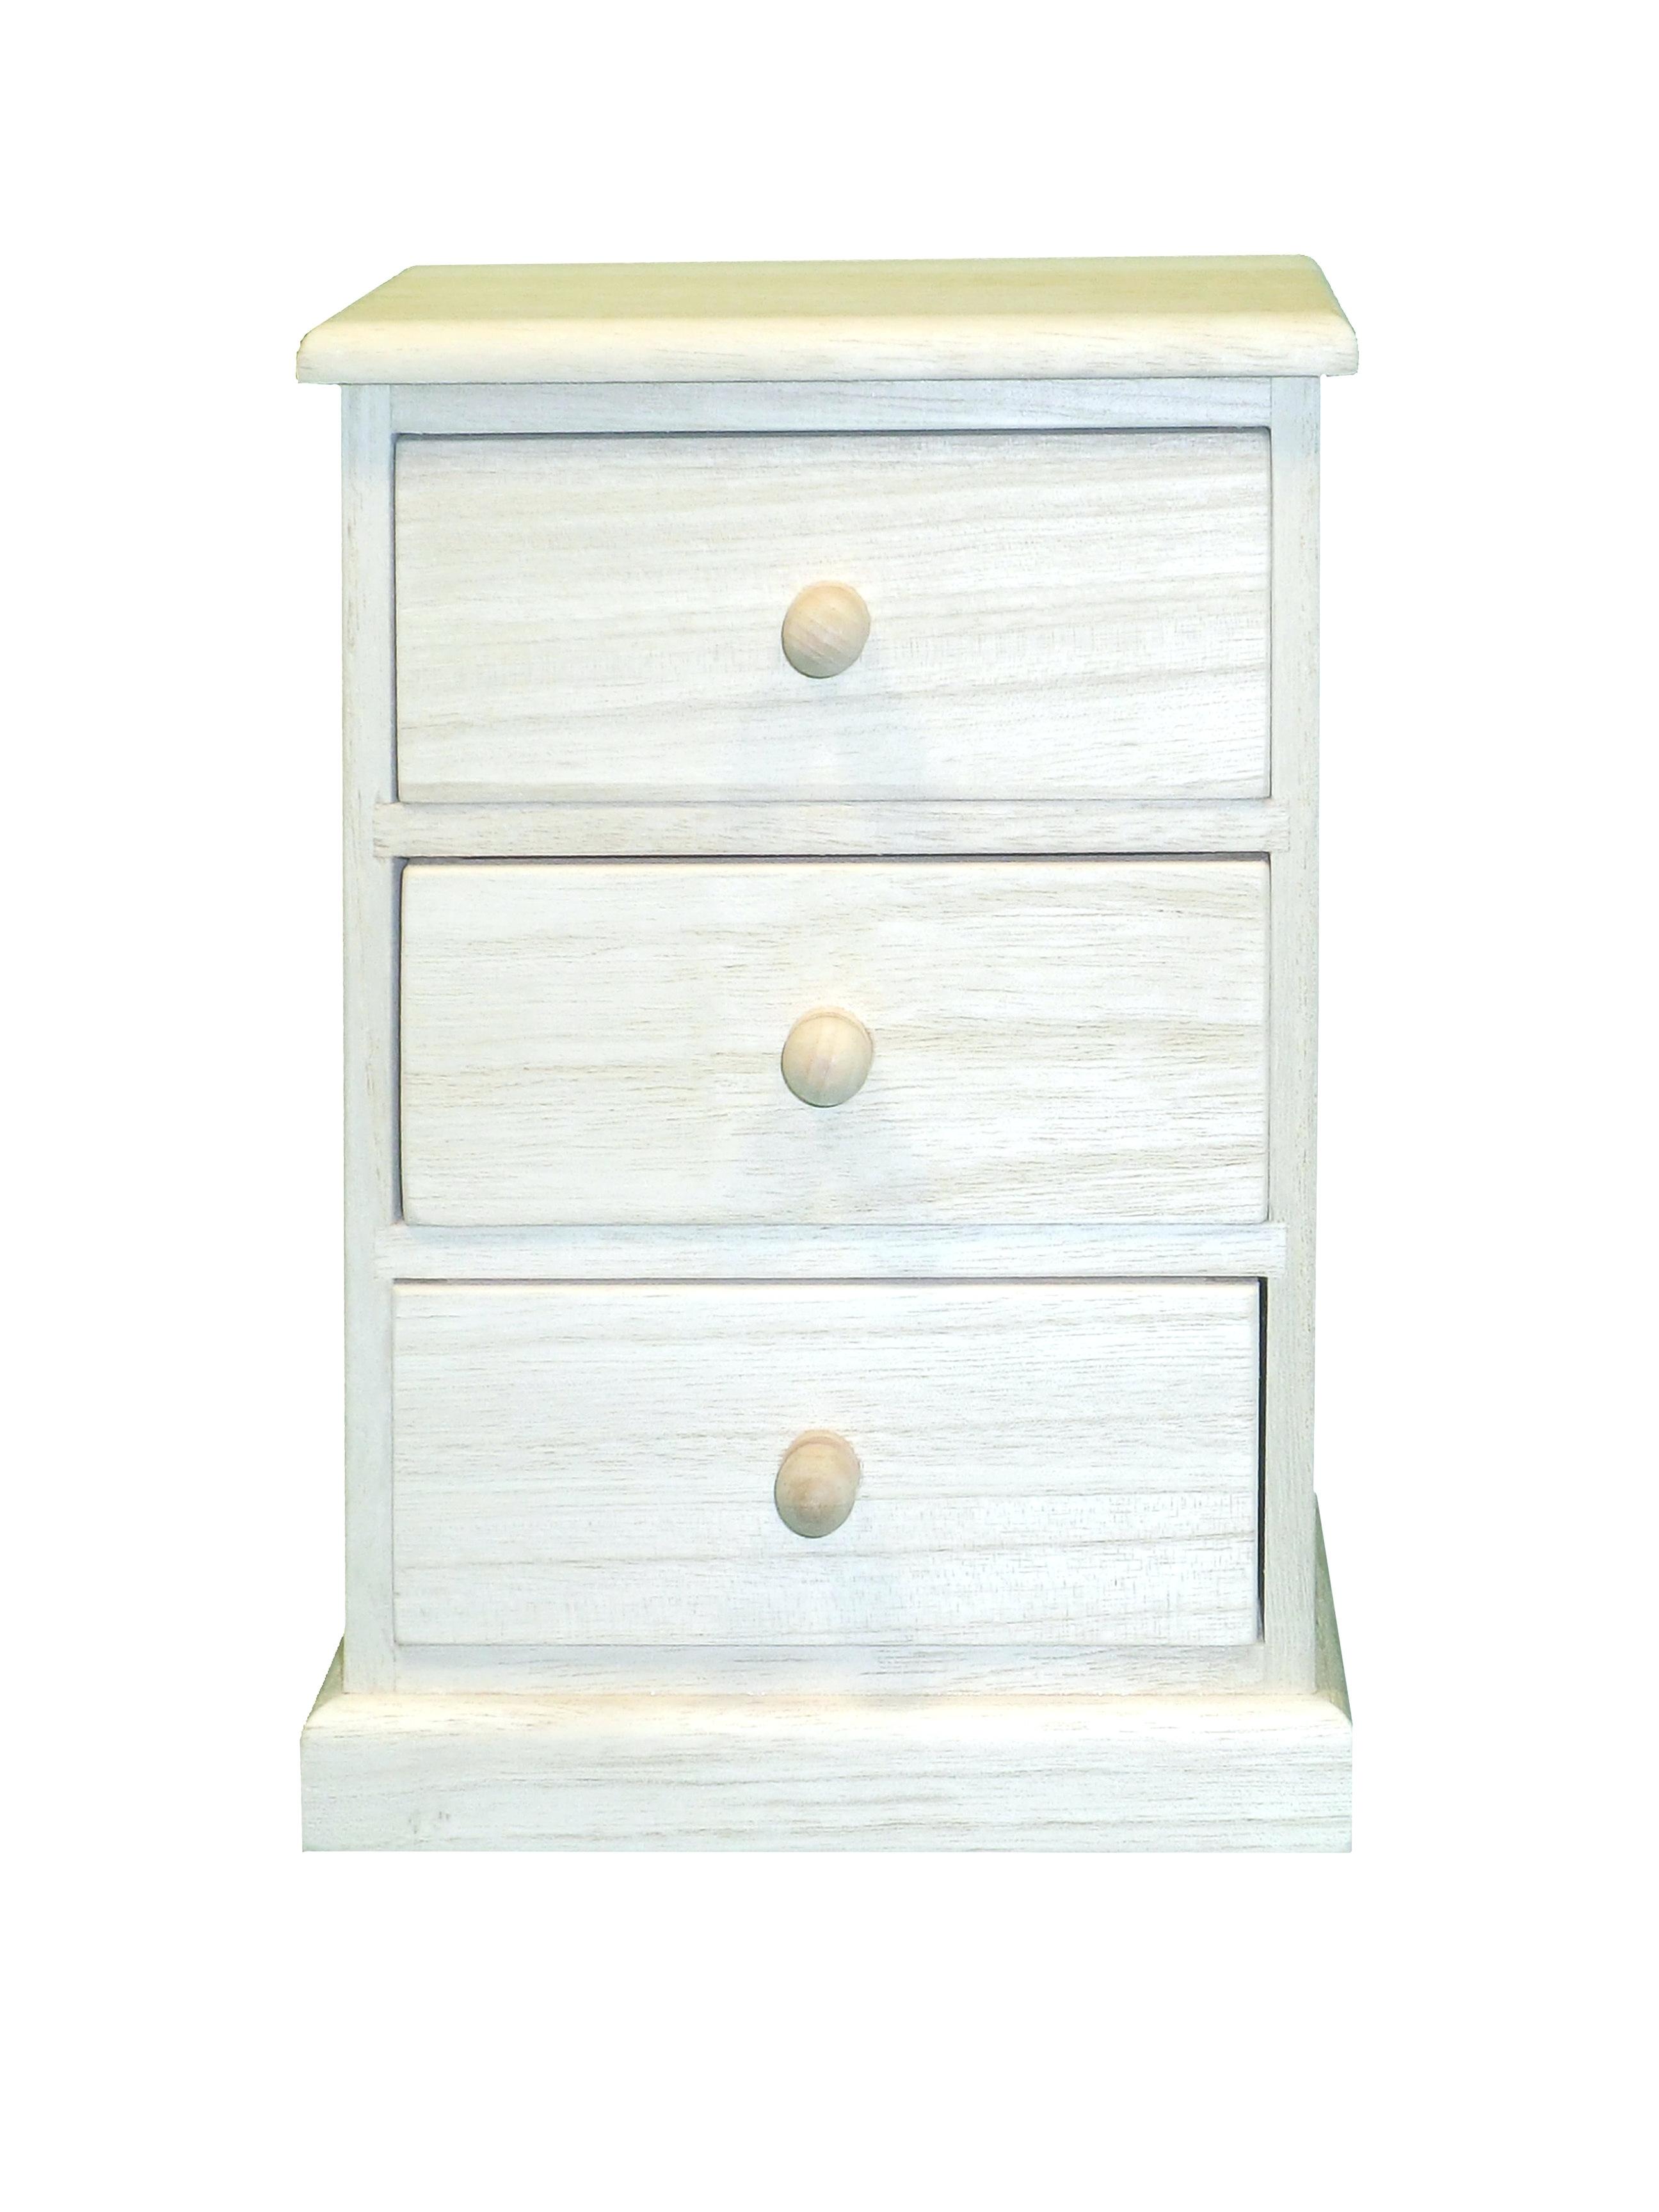 Sliding Door Dresser Room Essentialsdressers mini 3 drawer wood dresser room essentials 3 drawer